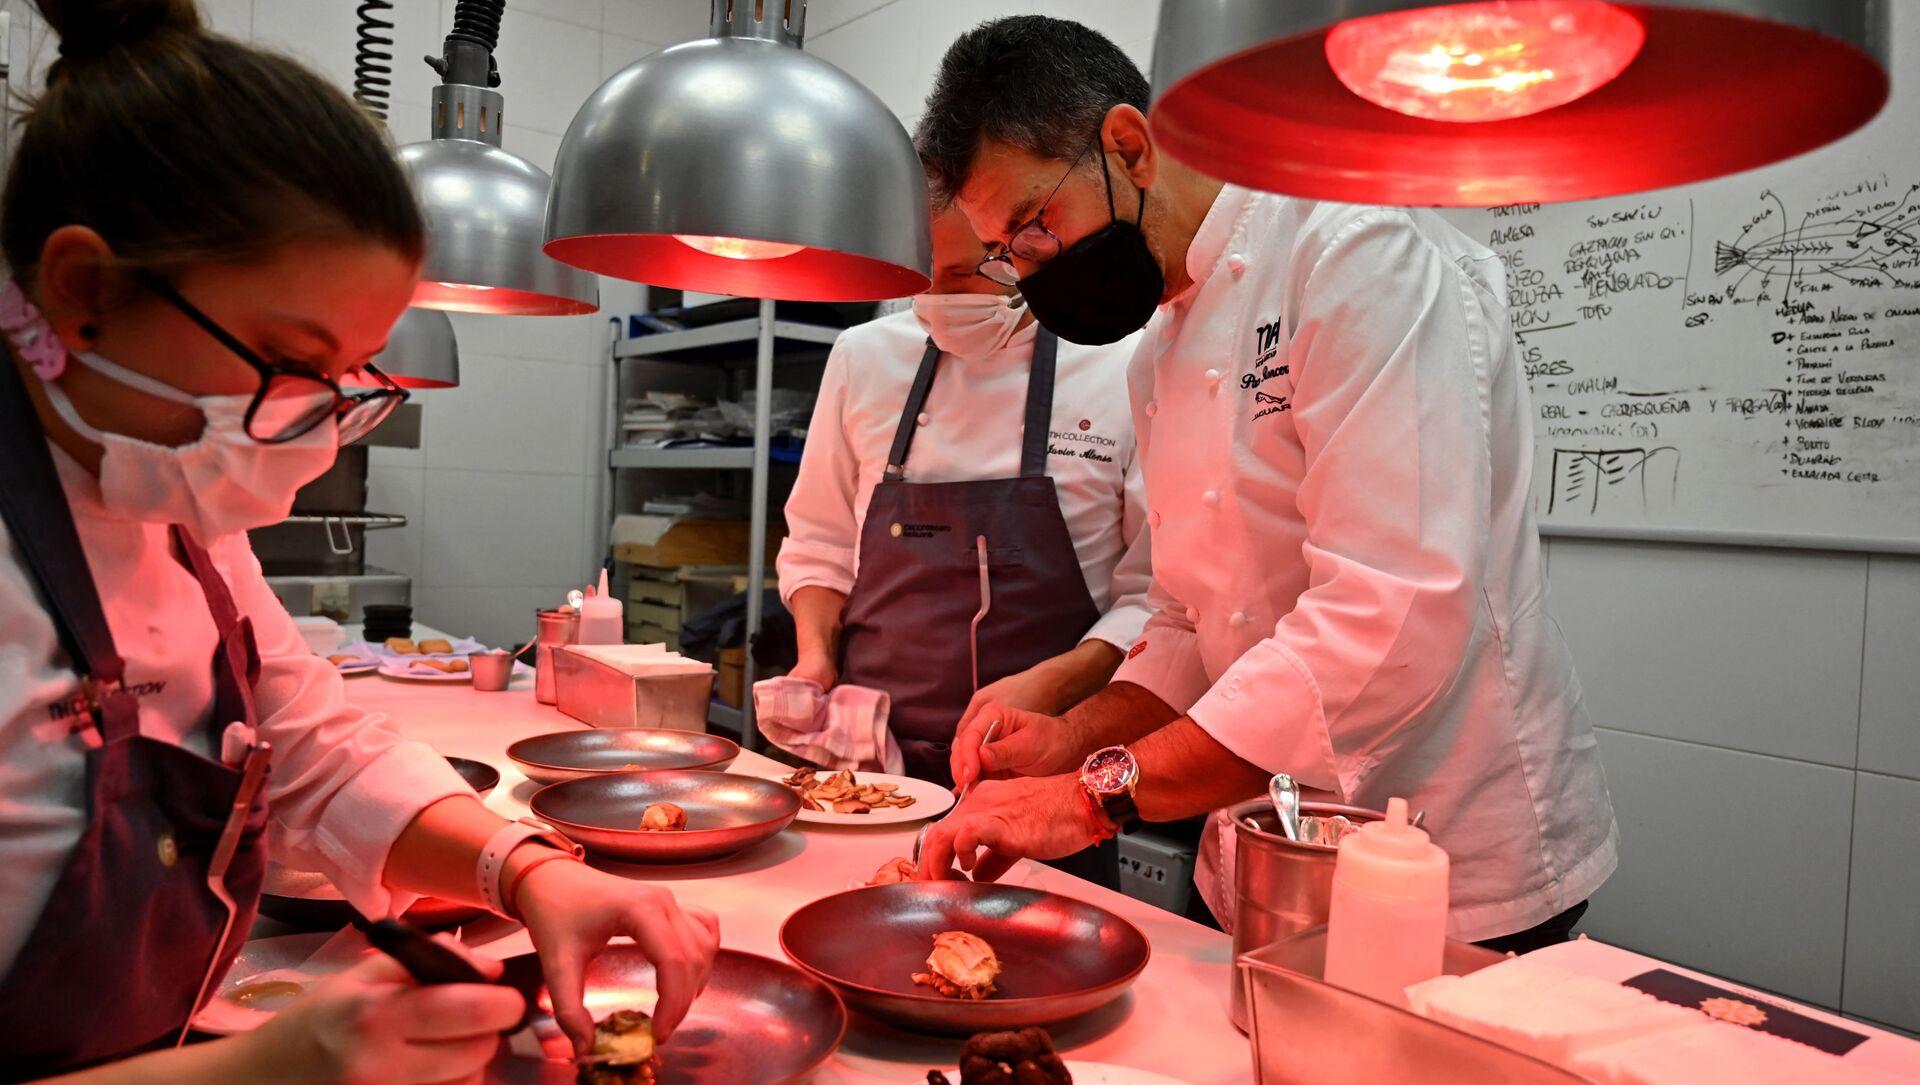 Cocinas de la Terraza del Casino (Madrid) de Paco Roncero, ganador de dos estrellas Michelin - Sputnik Mundo, 1920, 15.12.2020